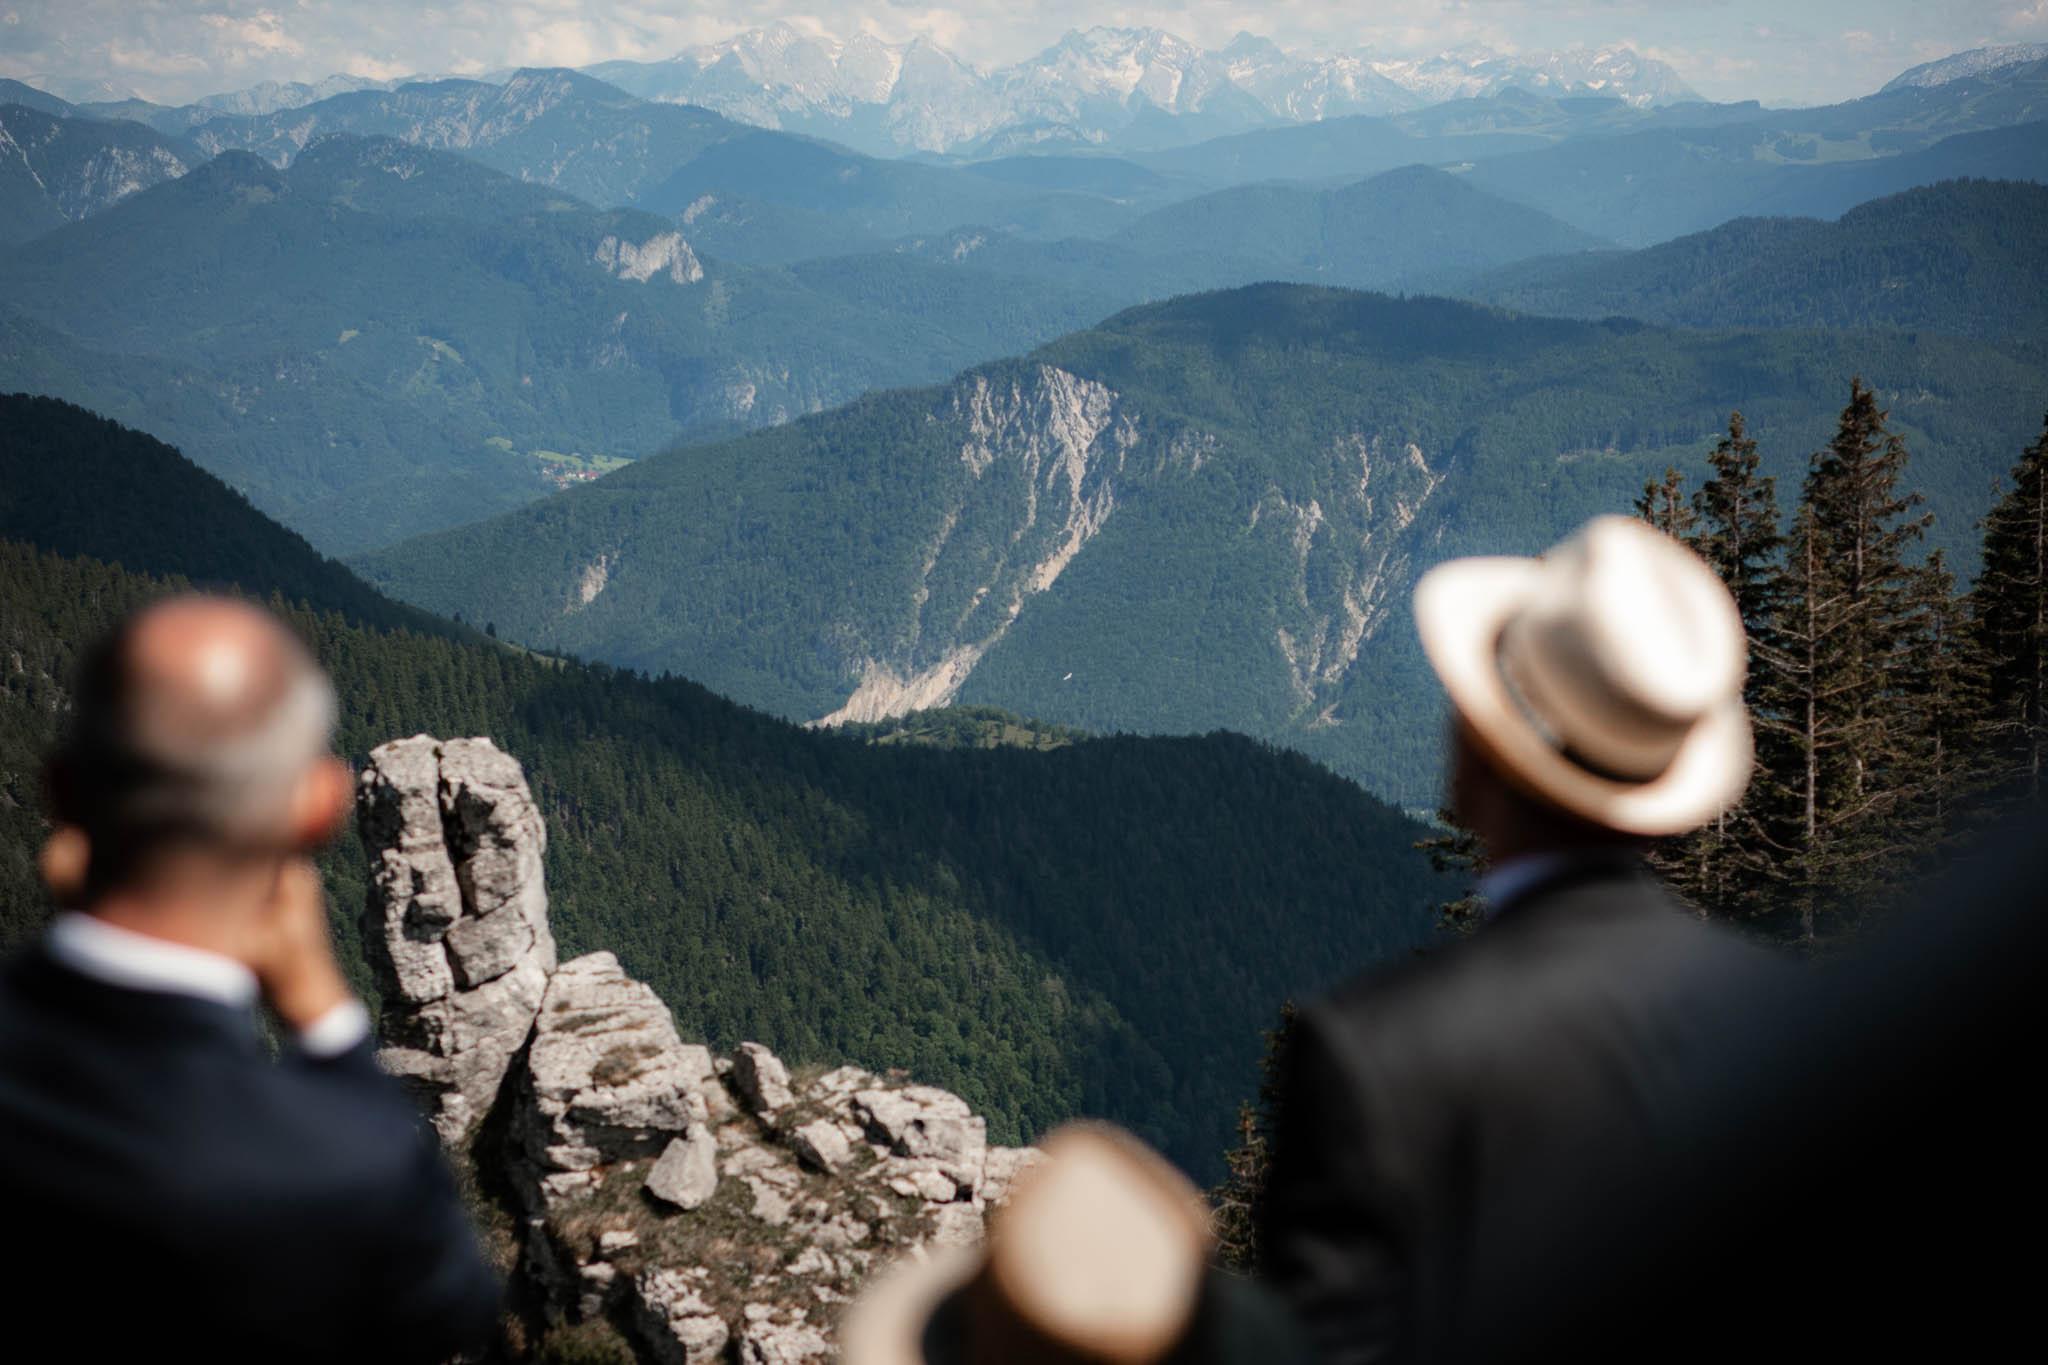 Hochzeitsfotograf Alpen, Chiemgau: freie Trauung von Dennis & Dirk 46